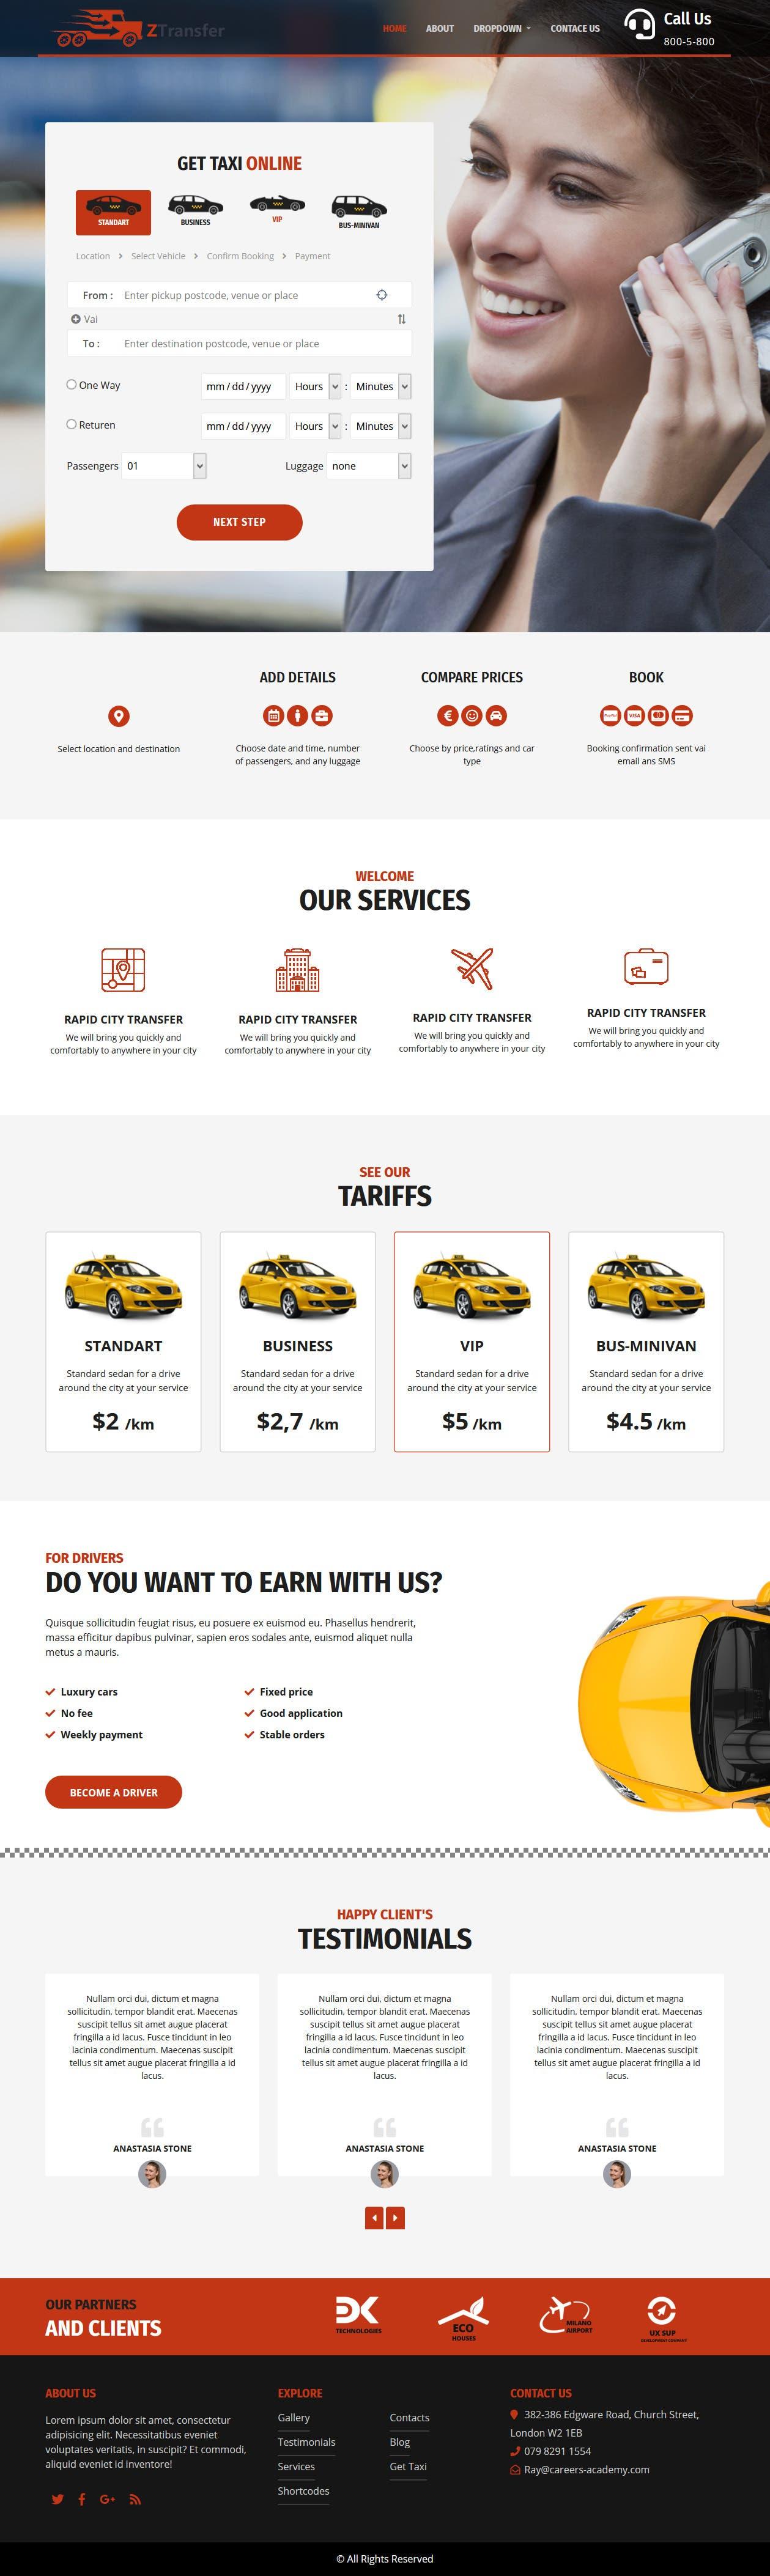 TaxiCap